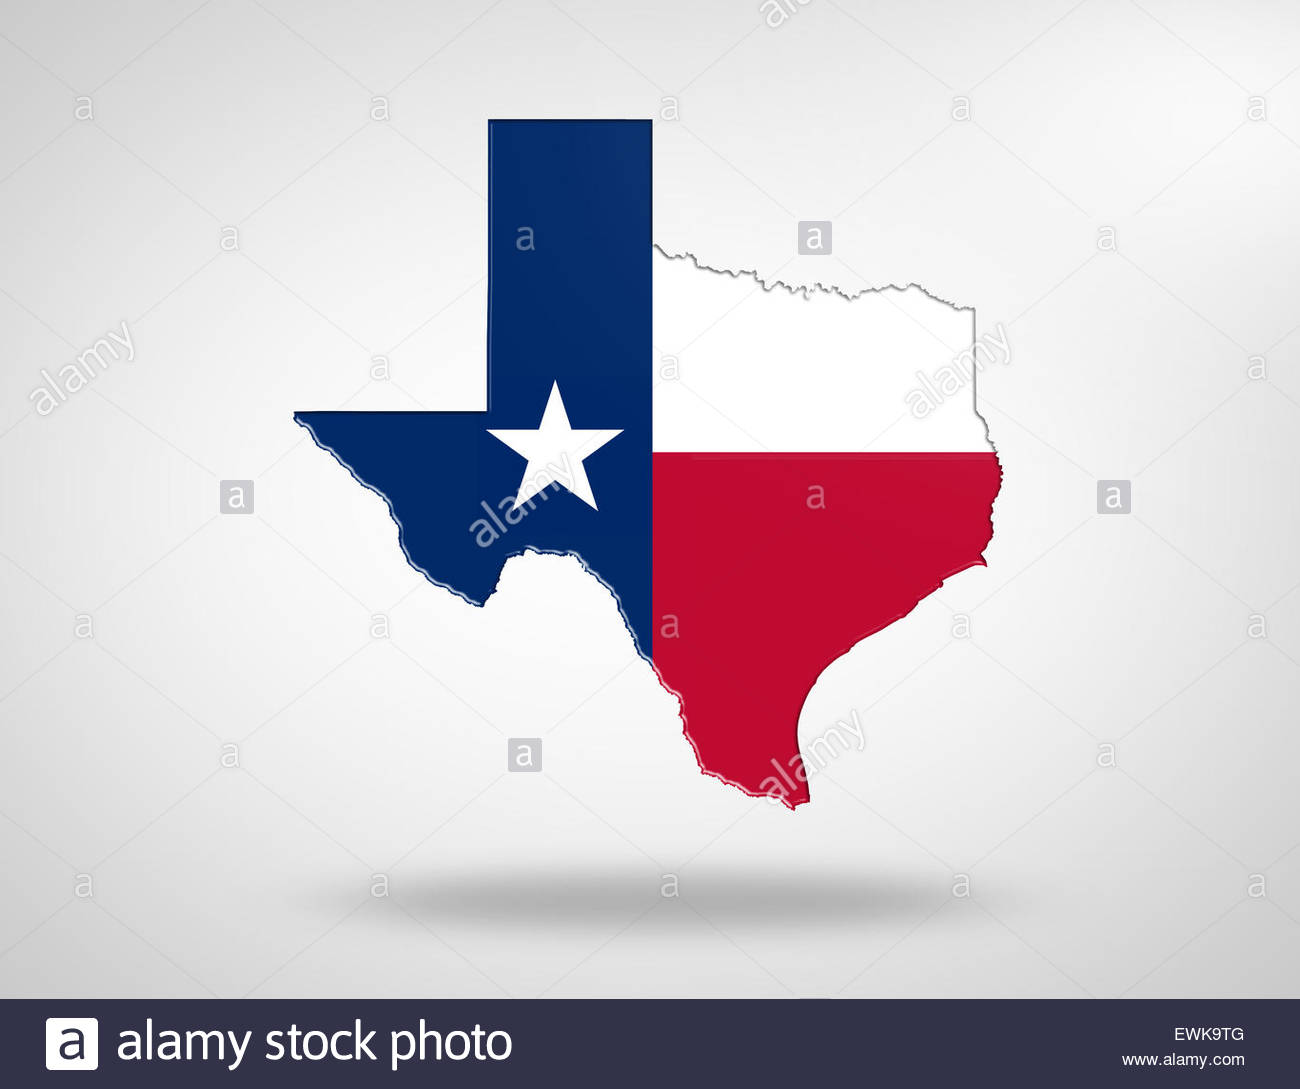 Erfreut Texas State Flagge Färbung Seite Fotos - Beispiel Business ...